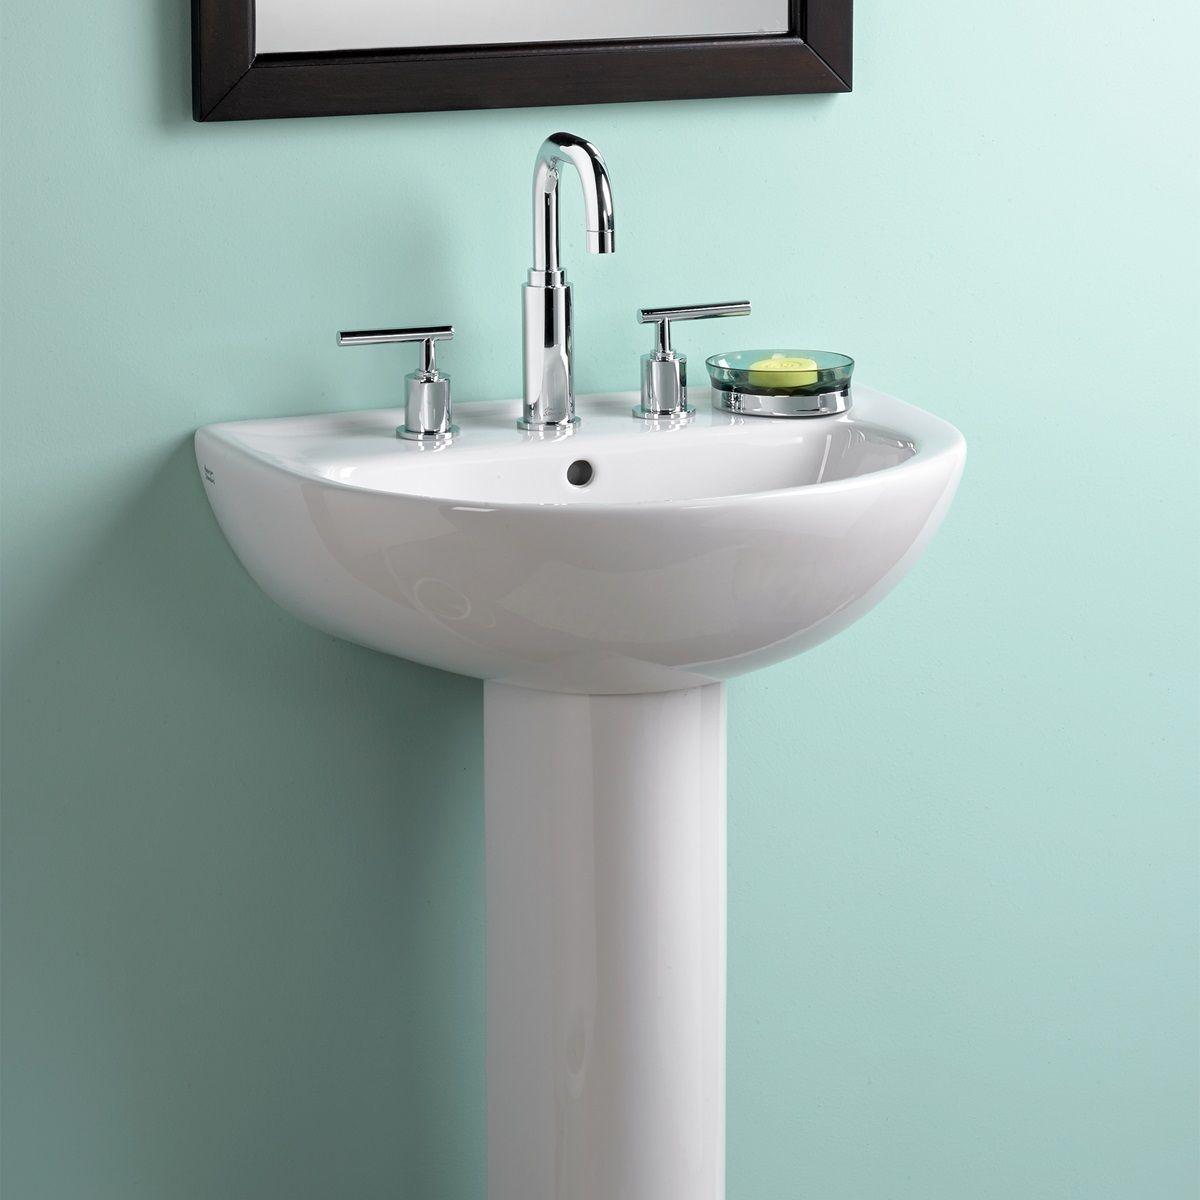 Evolution 22 Inch Pedestal Sink American Standard